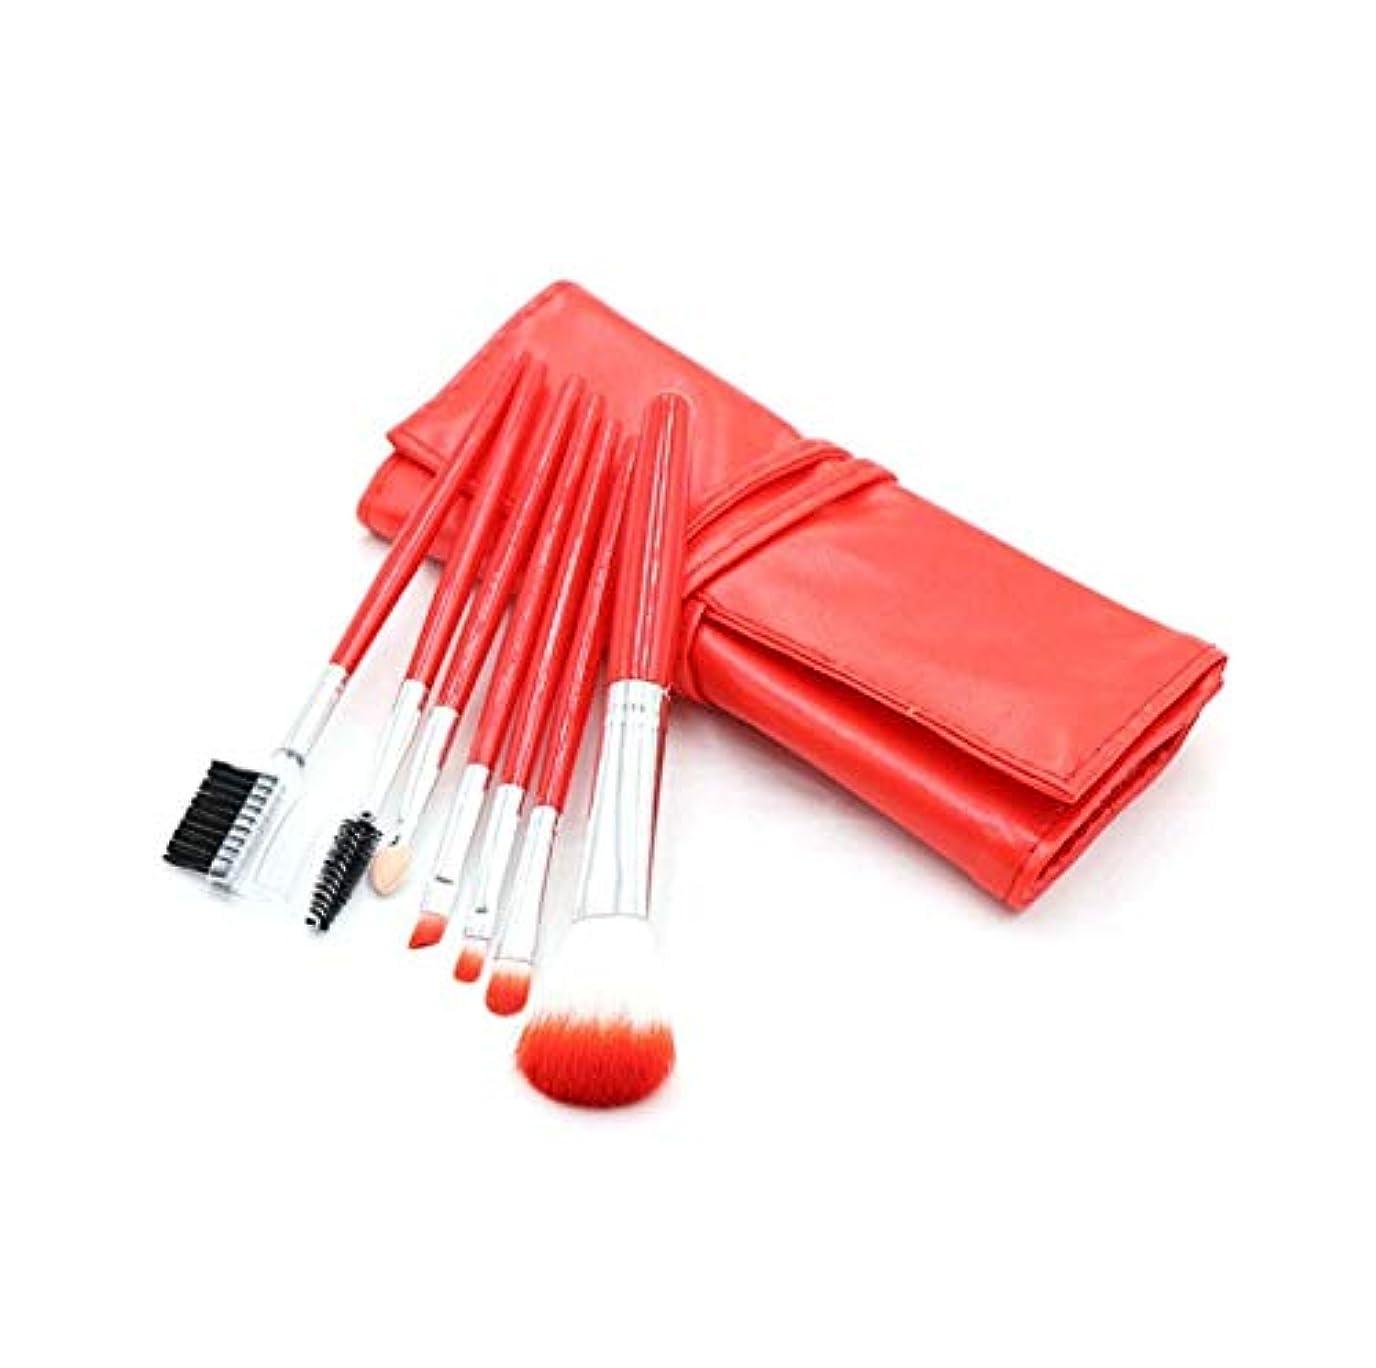 エトナ山バッチ小間化粧ブラシセット、赤7化粧ブラシ化粧ブラシセットアイシャドウブラシリップブラシ美容化粧道具